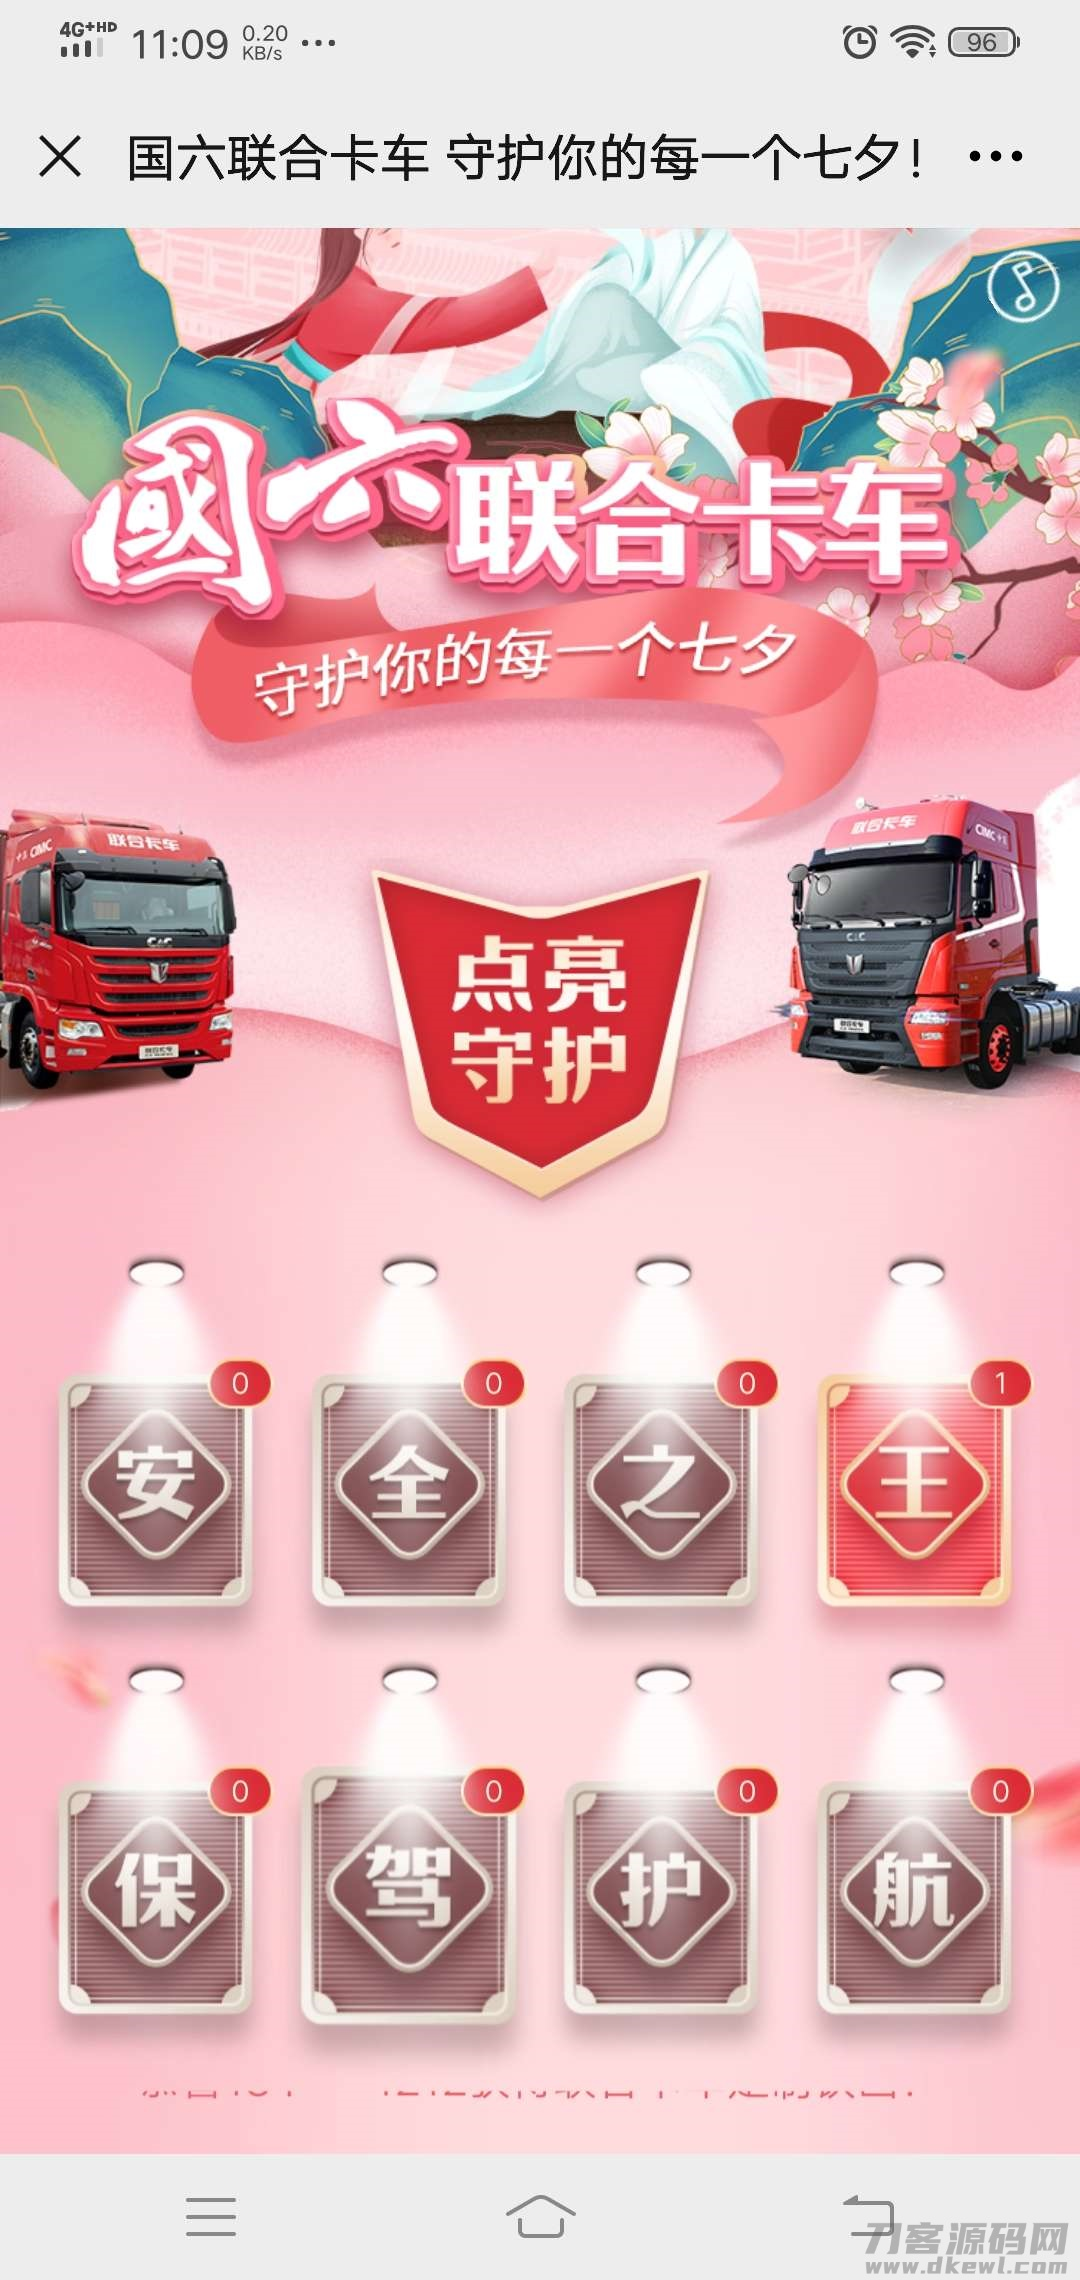 国六联合卡车集卡抽取微信红包,实物插图